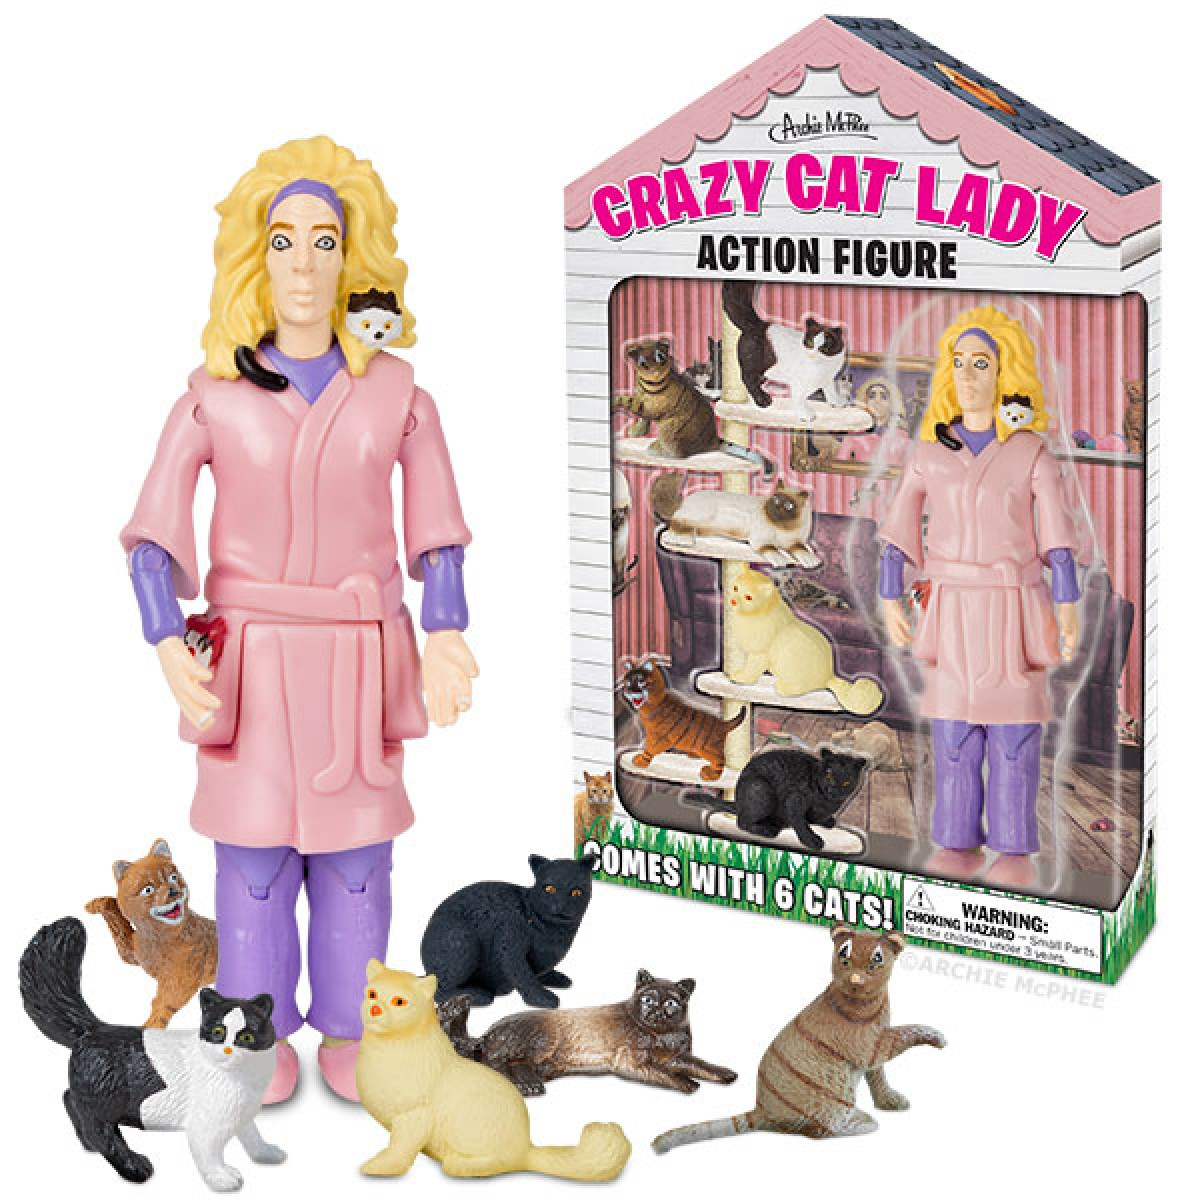 crazy_cat_lady_action_figure_1